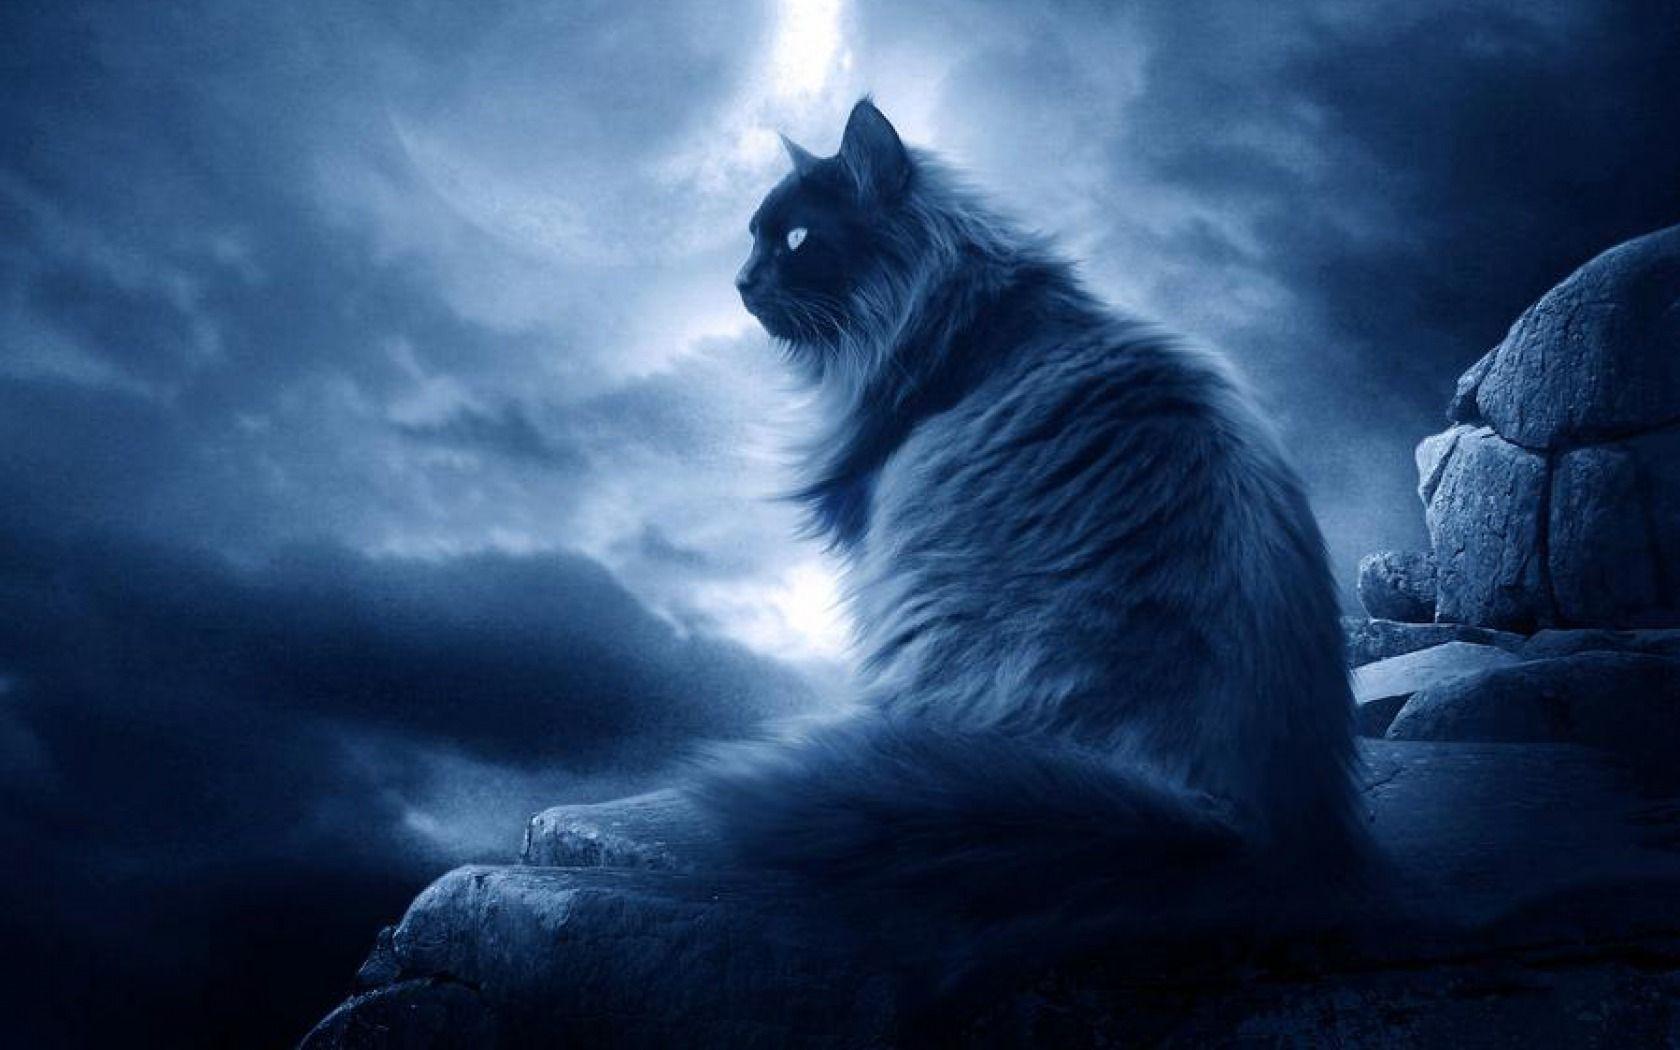 Download Wallpaper Cat Mystical - 179e38ba2aeb442733628b9f59d3f694  You Should Have_726530 .jpg